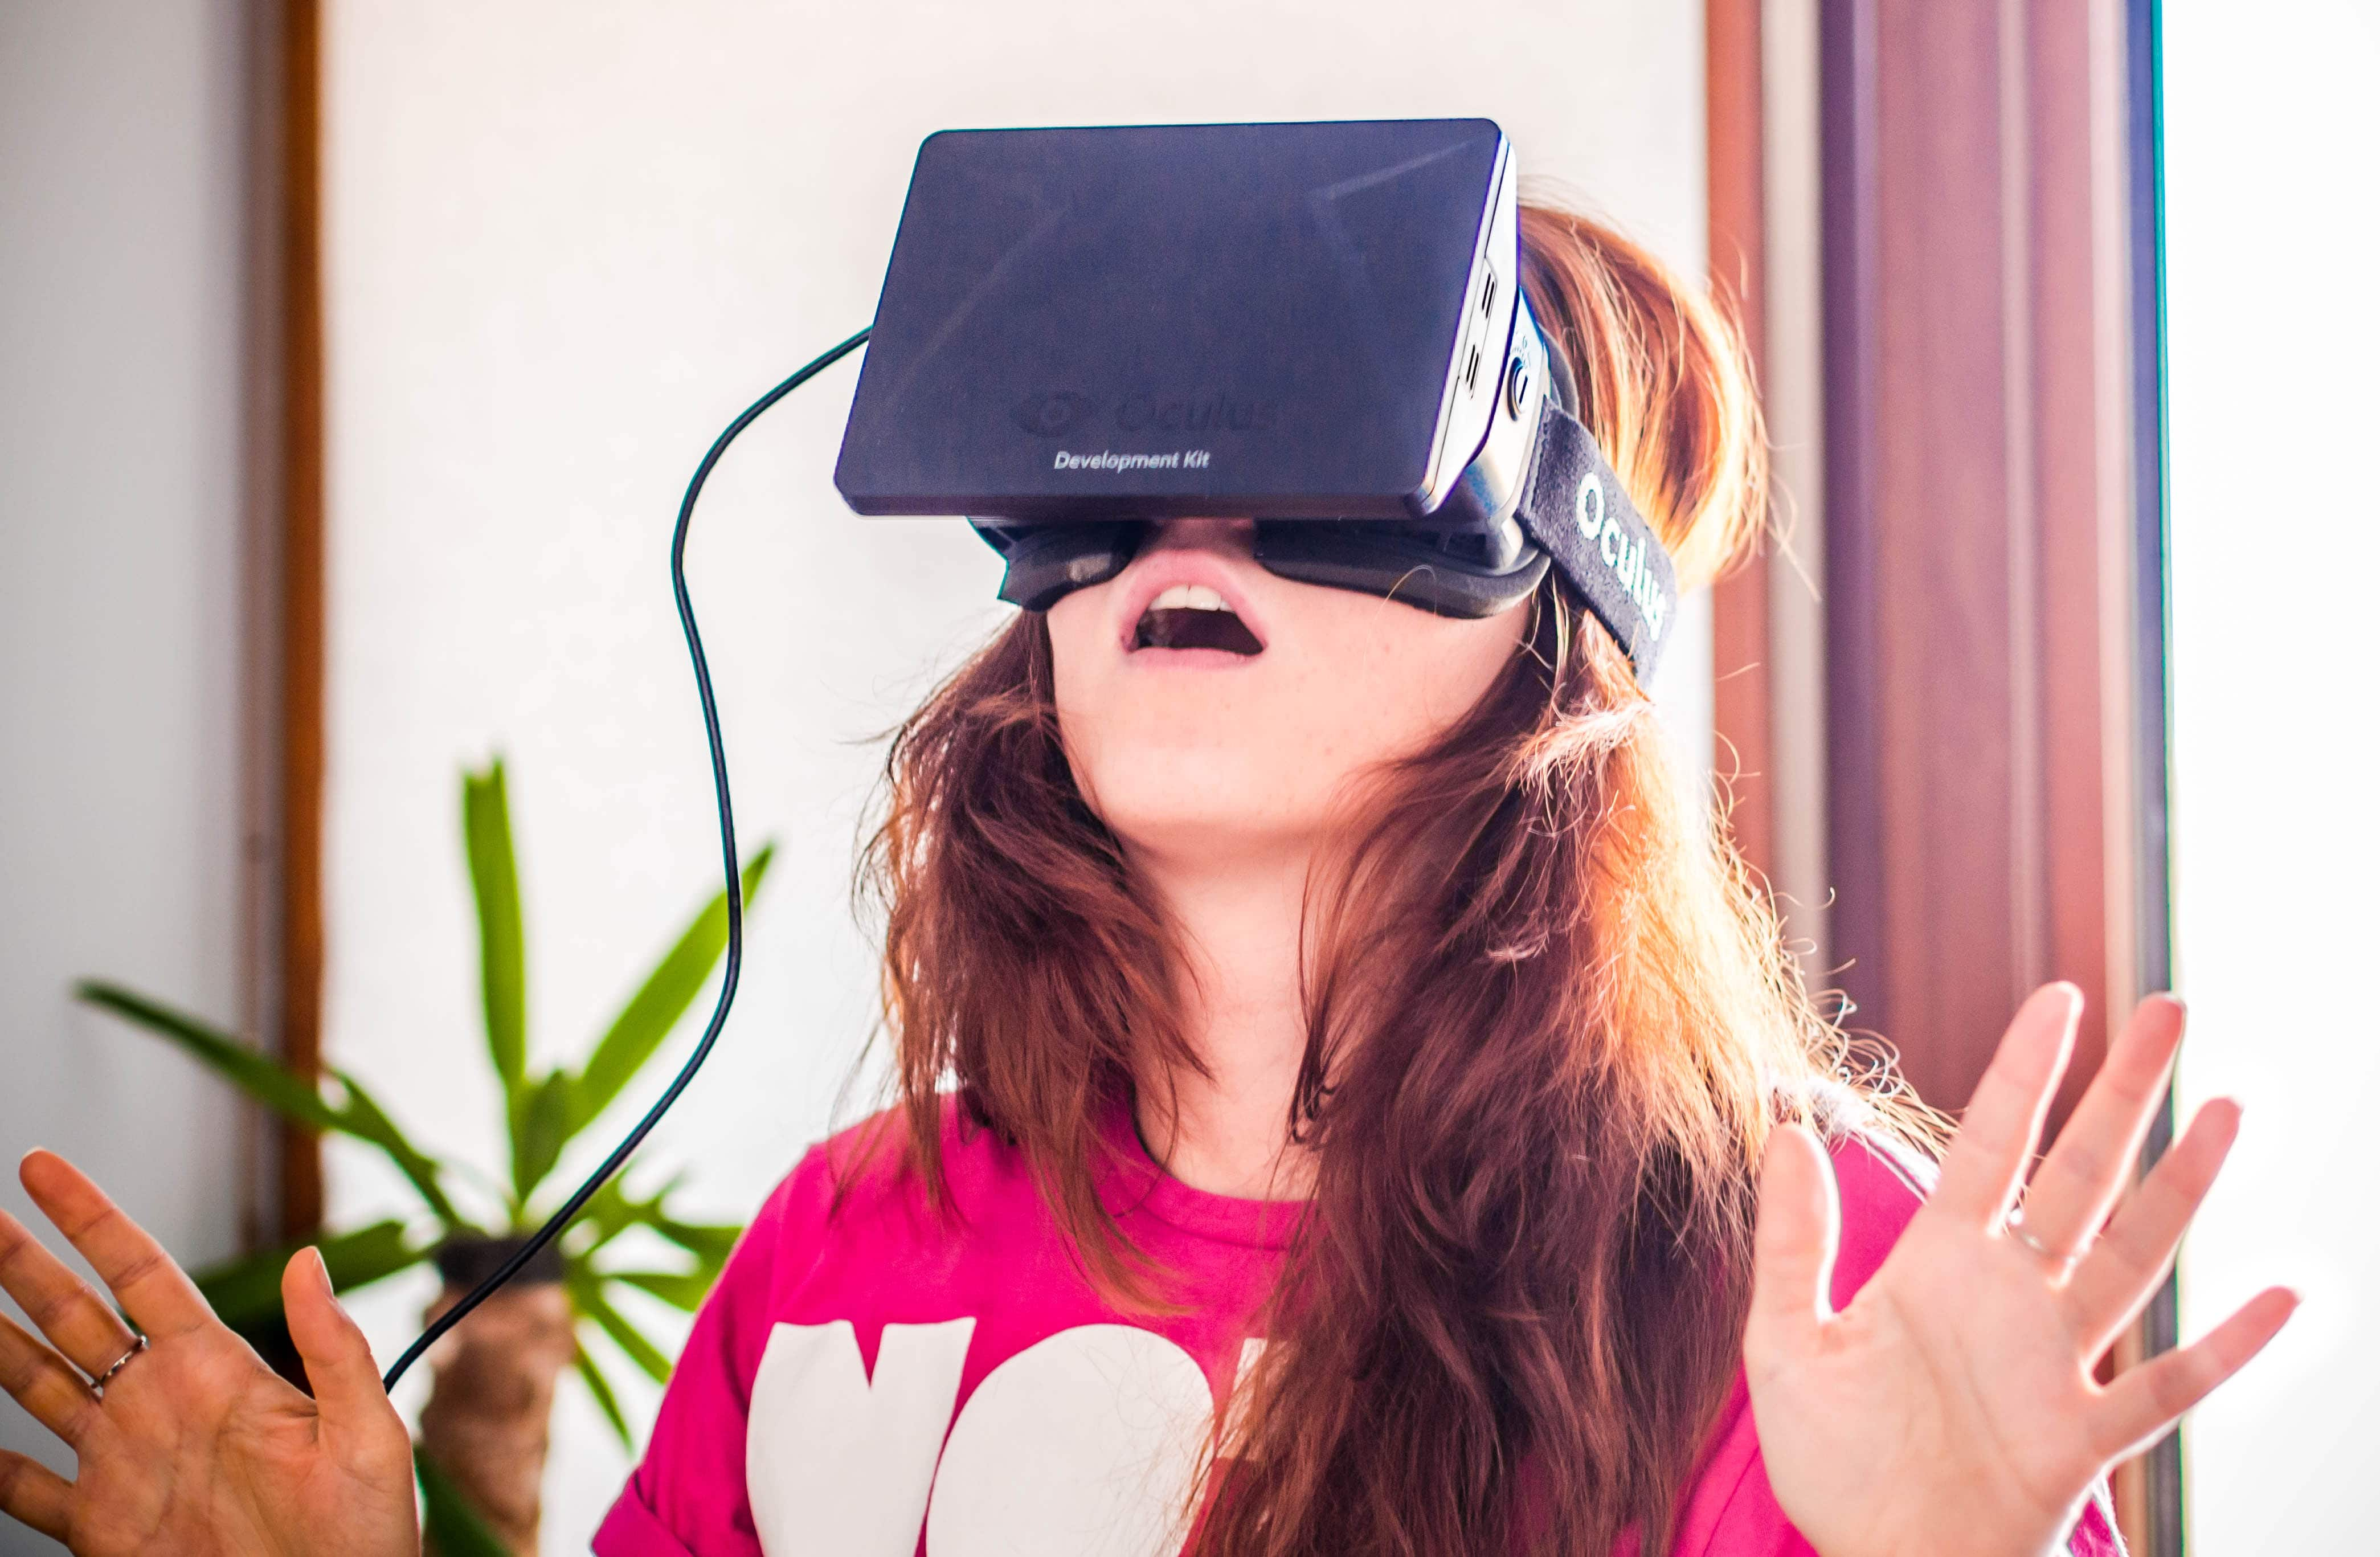 Ce que j'ai compris de la réalité virtuelle...